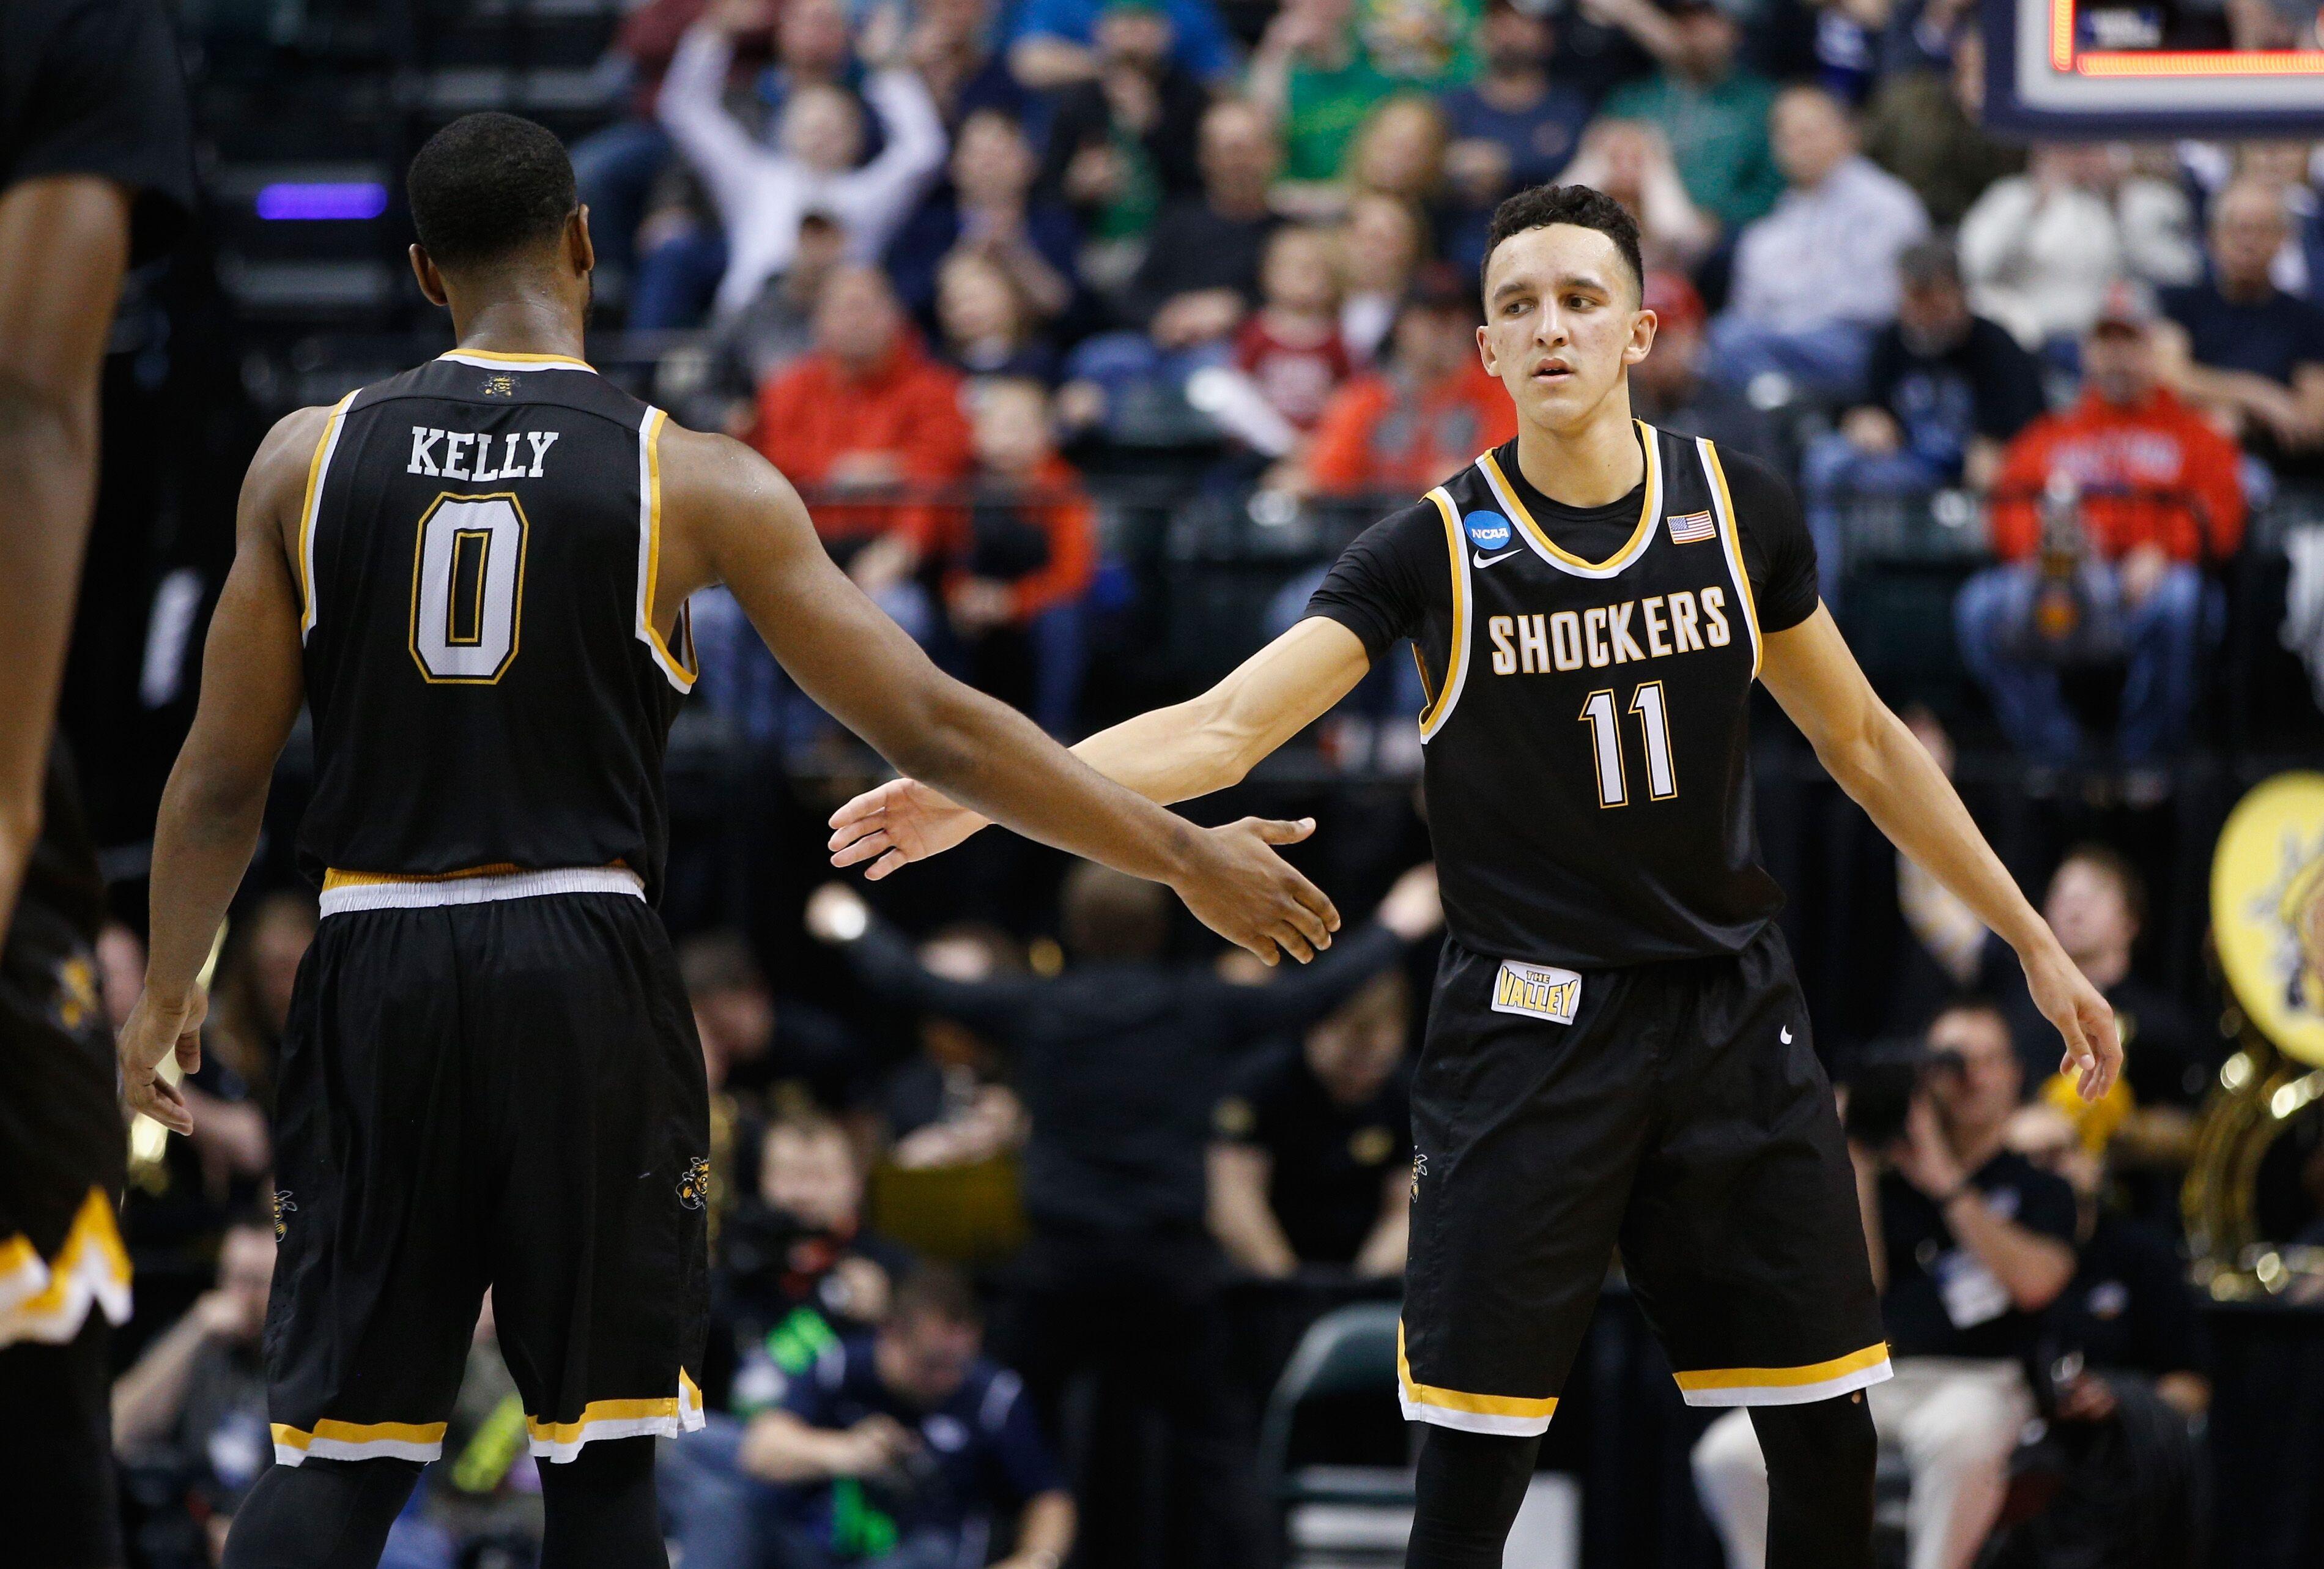 Kentucky Basketball 2017 18 Season Preview For The Wildcats: Wichita State Basketball: 2017-18 Season Preview For The